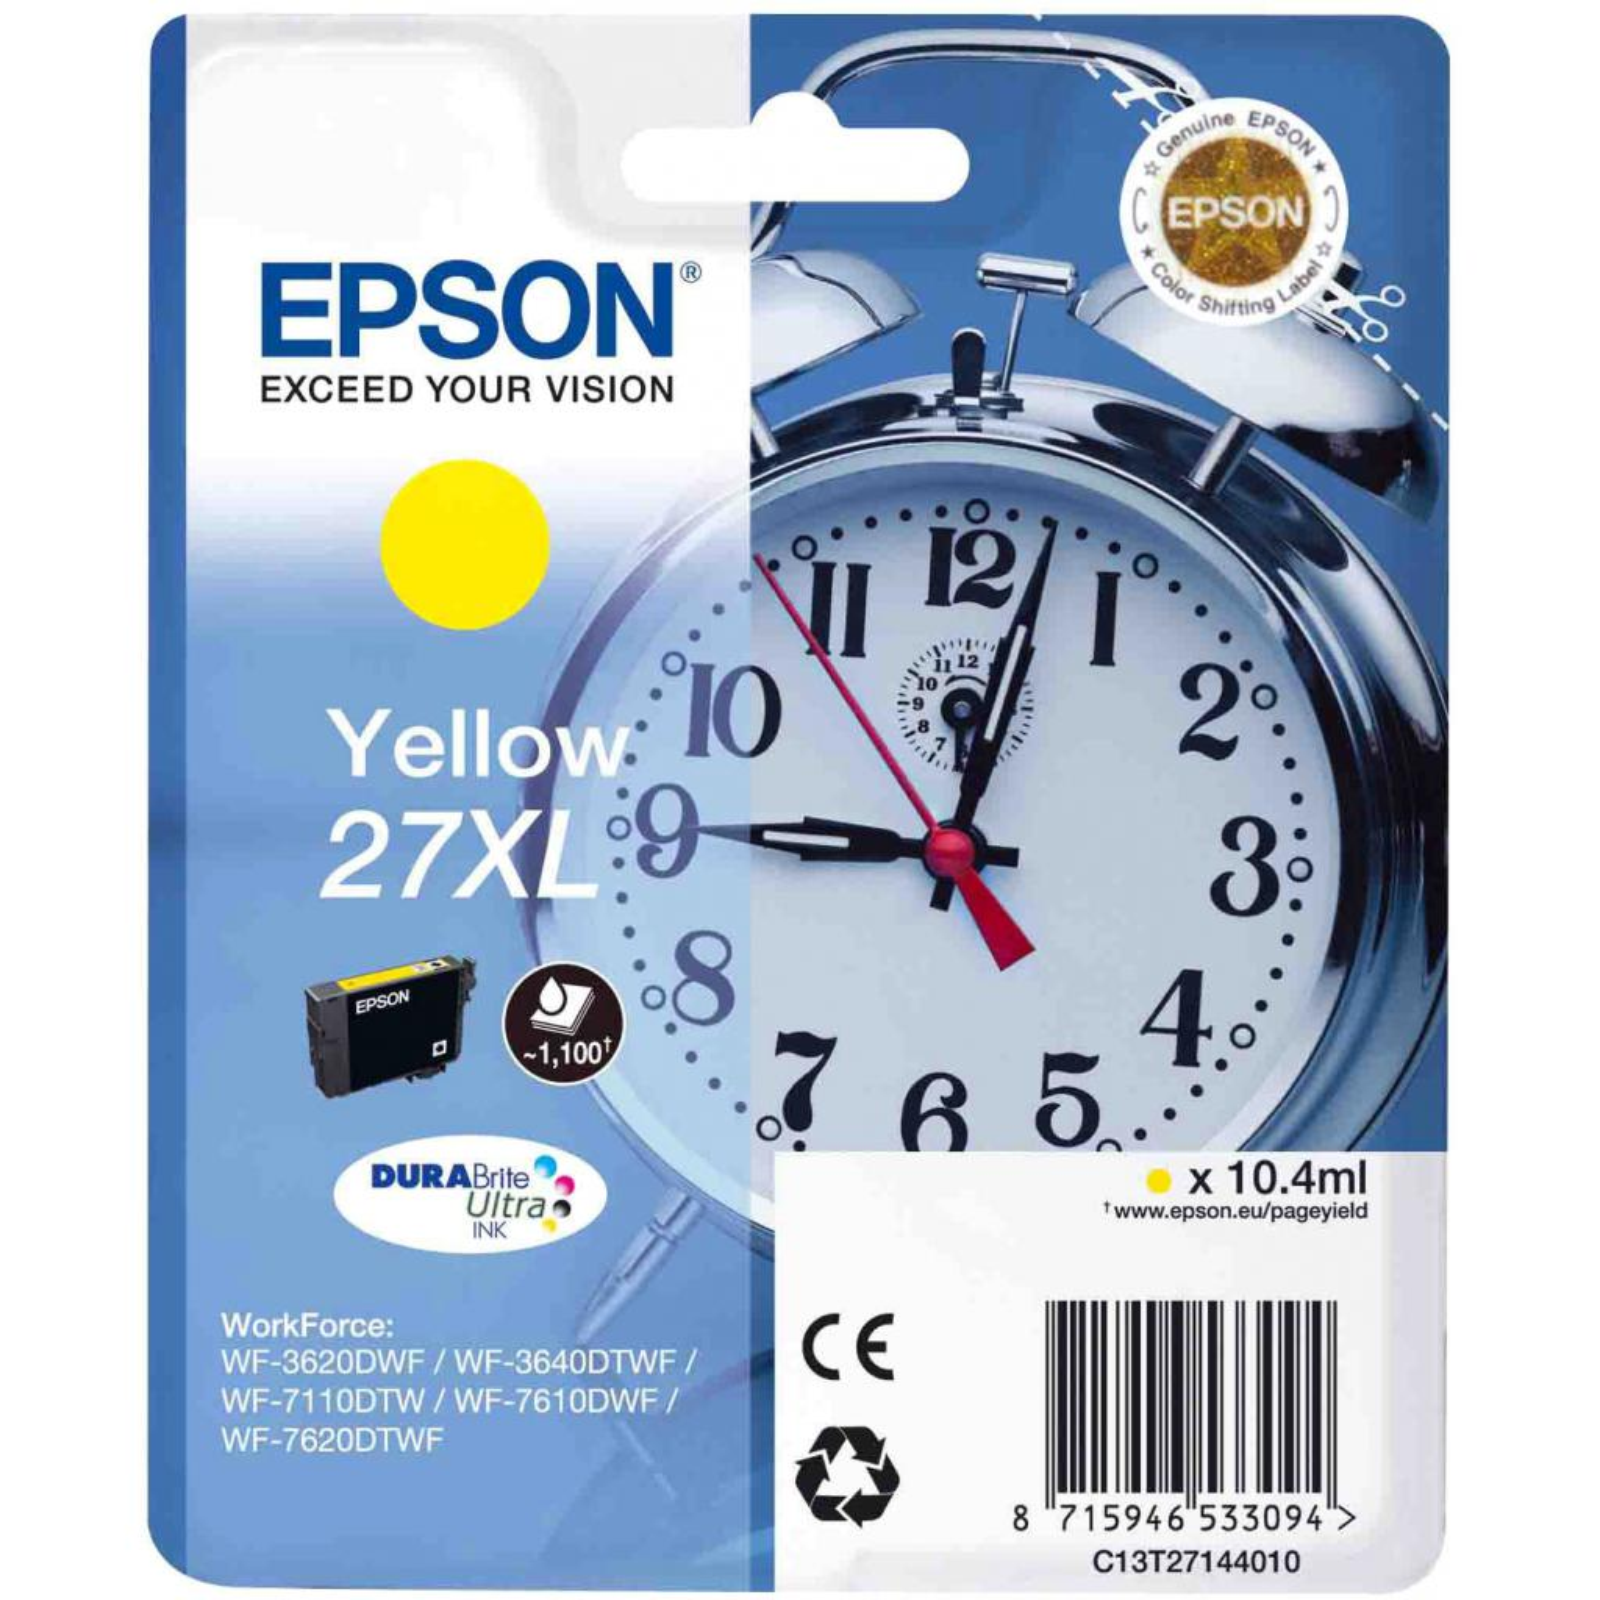 Картридж EPSON 27XL WF-7620 yellow XL (C13T27144020/C13T27144022)